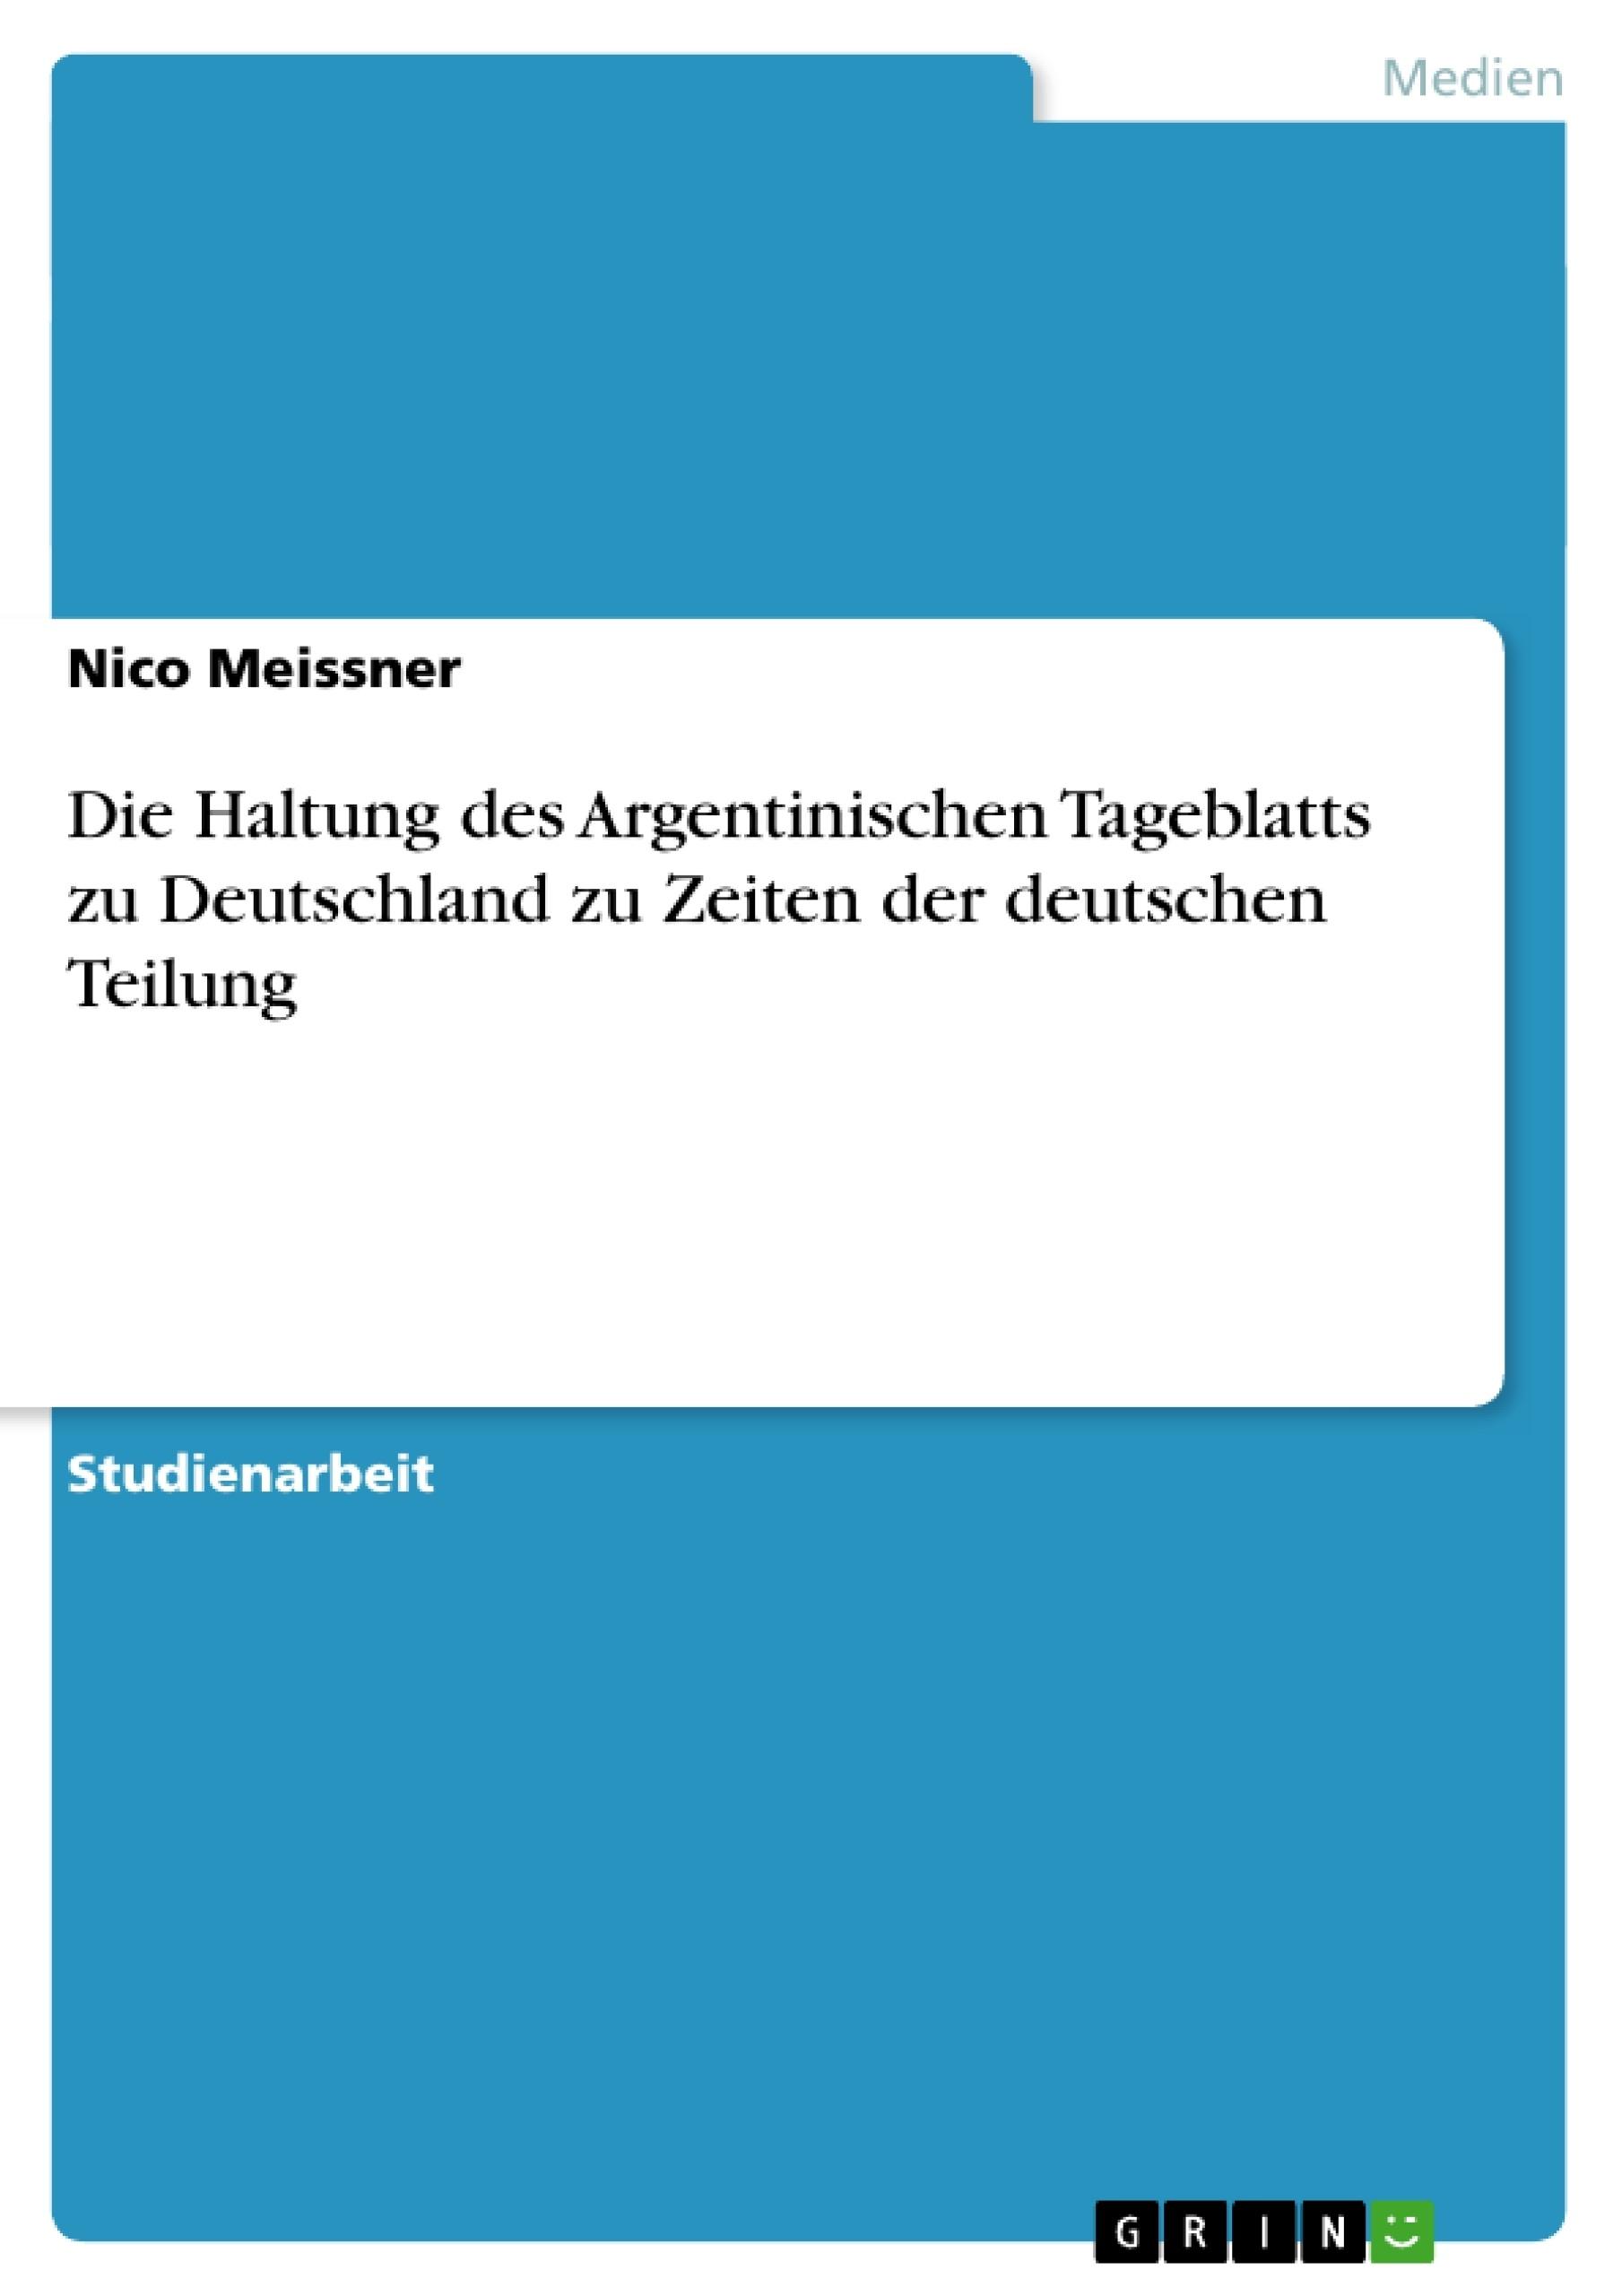 Titel: Die Haltung des Argentinischen Tageblatts zu Deutschland zu Zeiten der deutschen Teilung